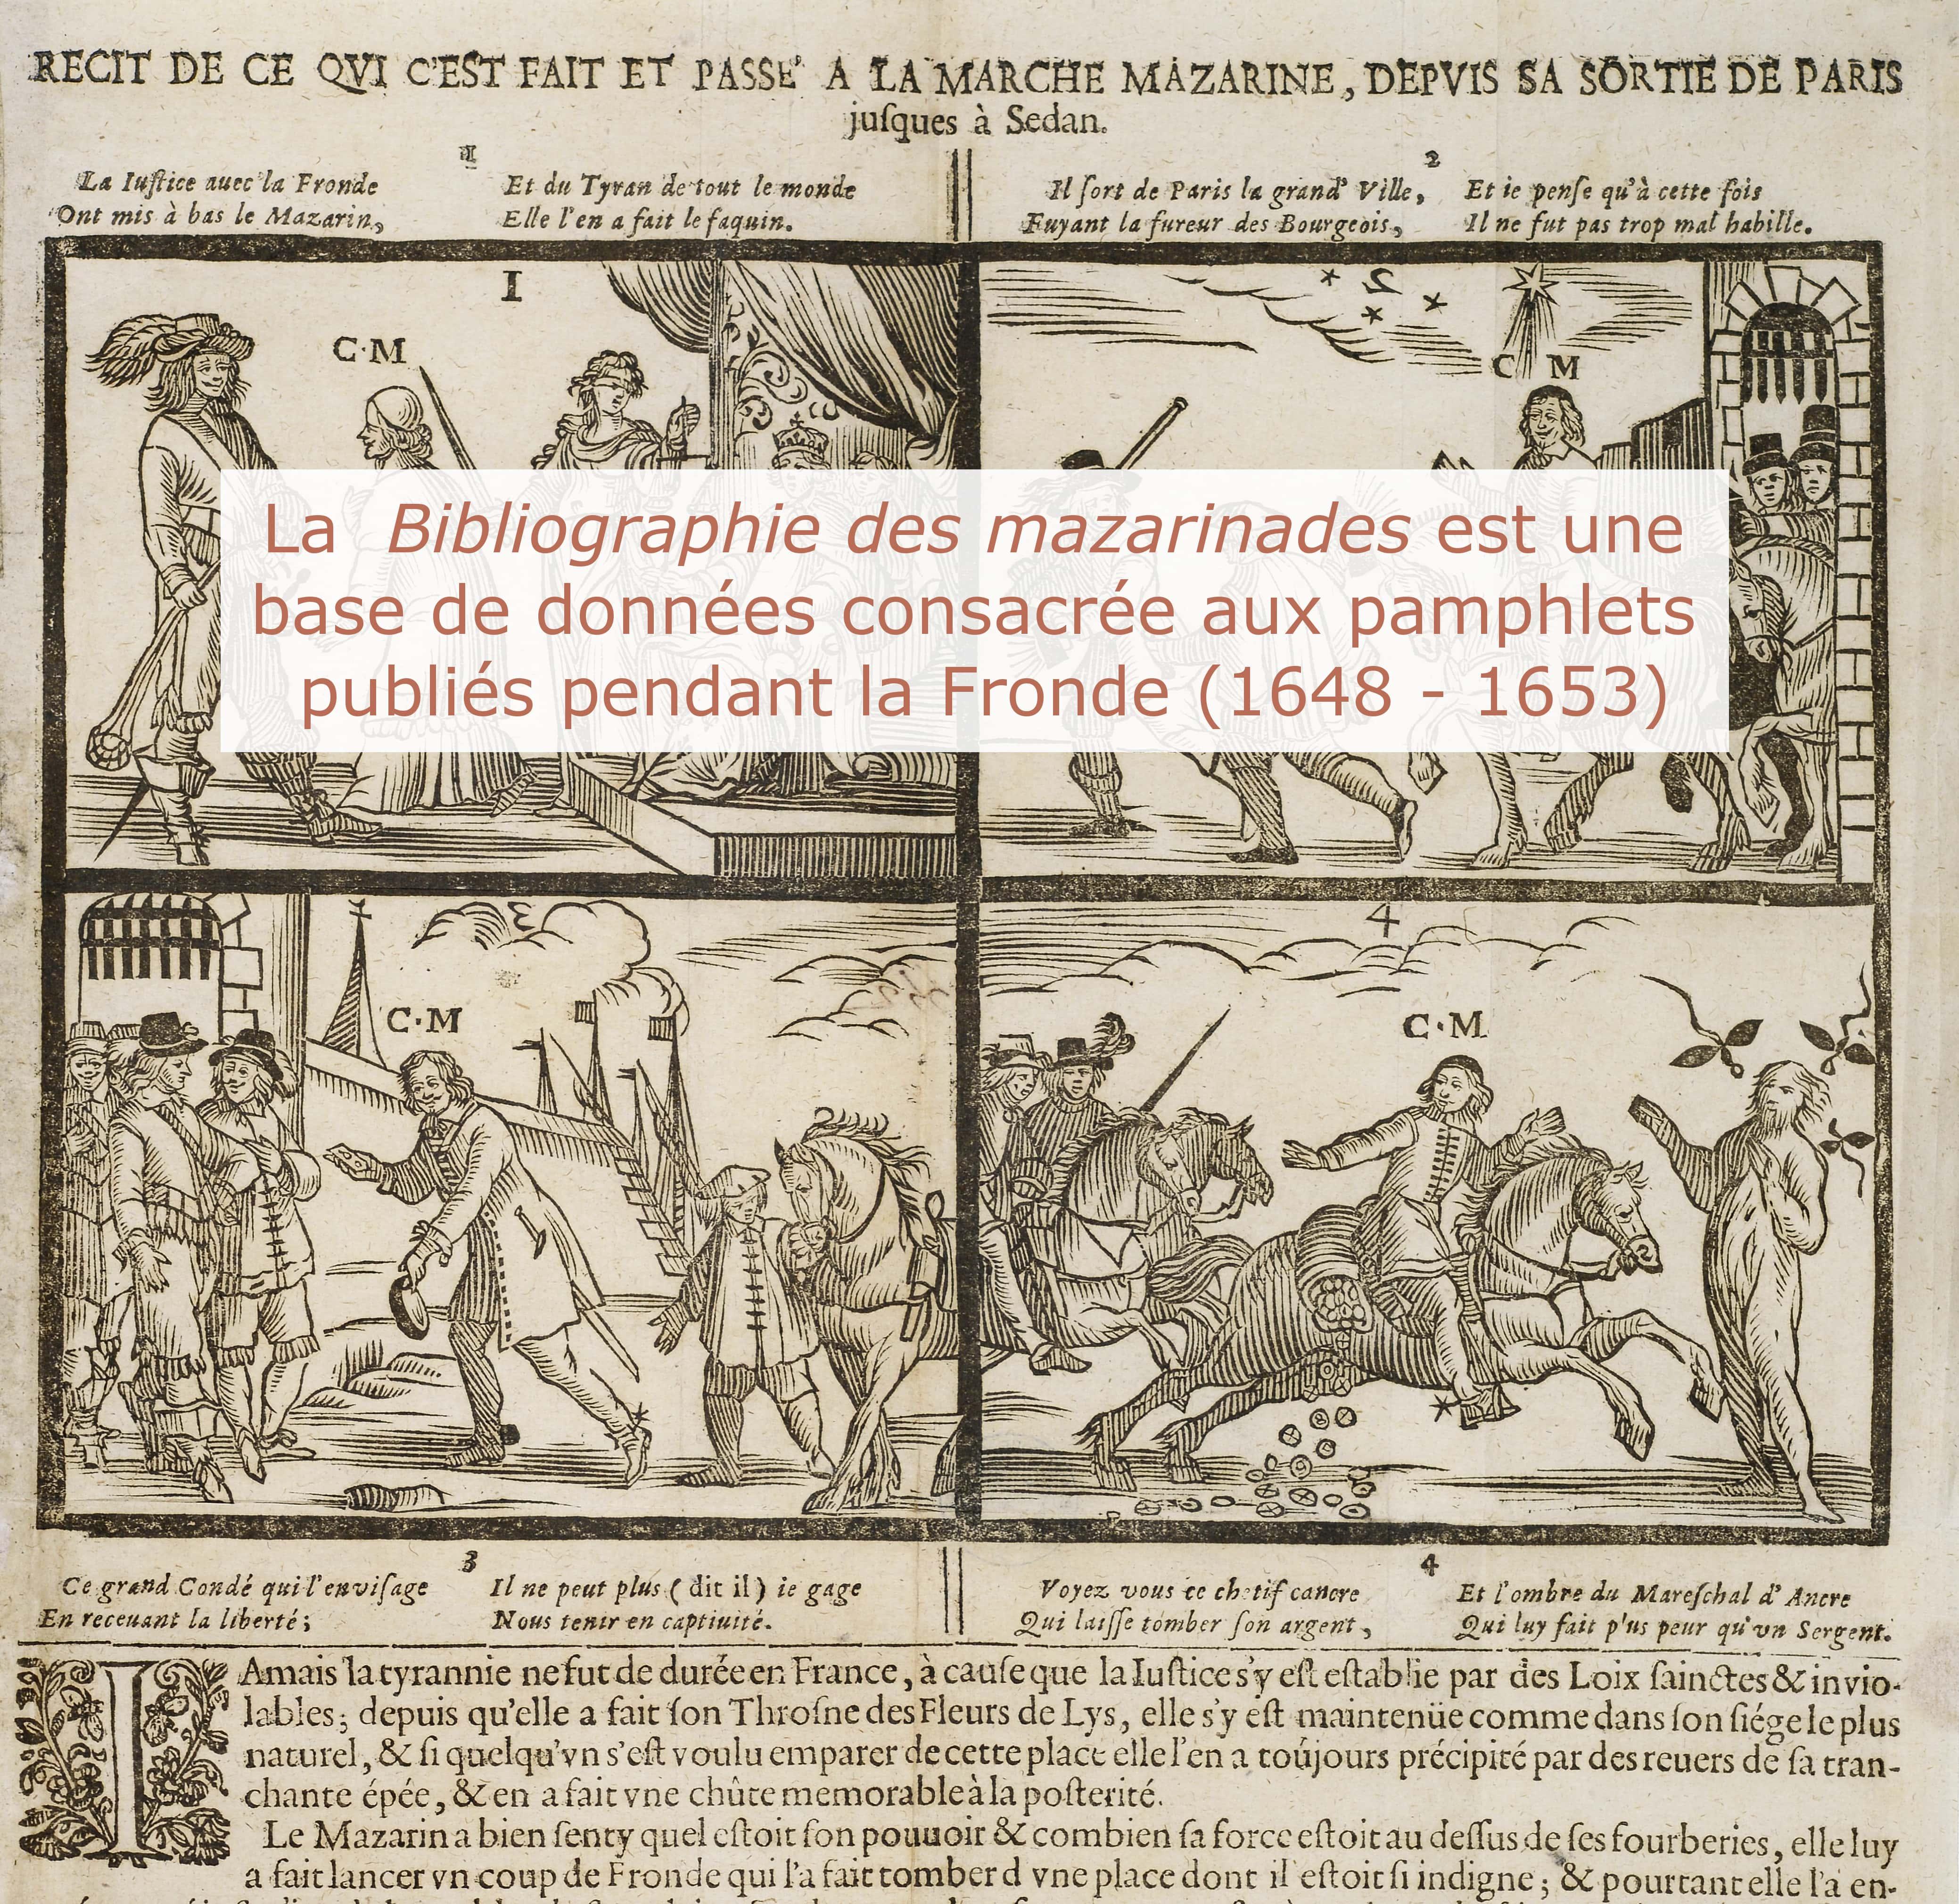 Marche Mazarin